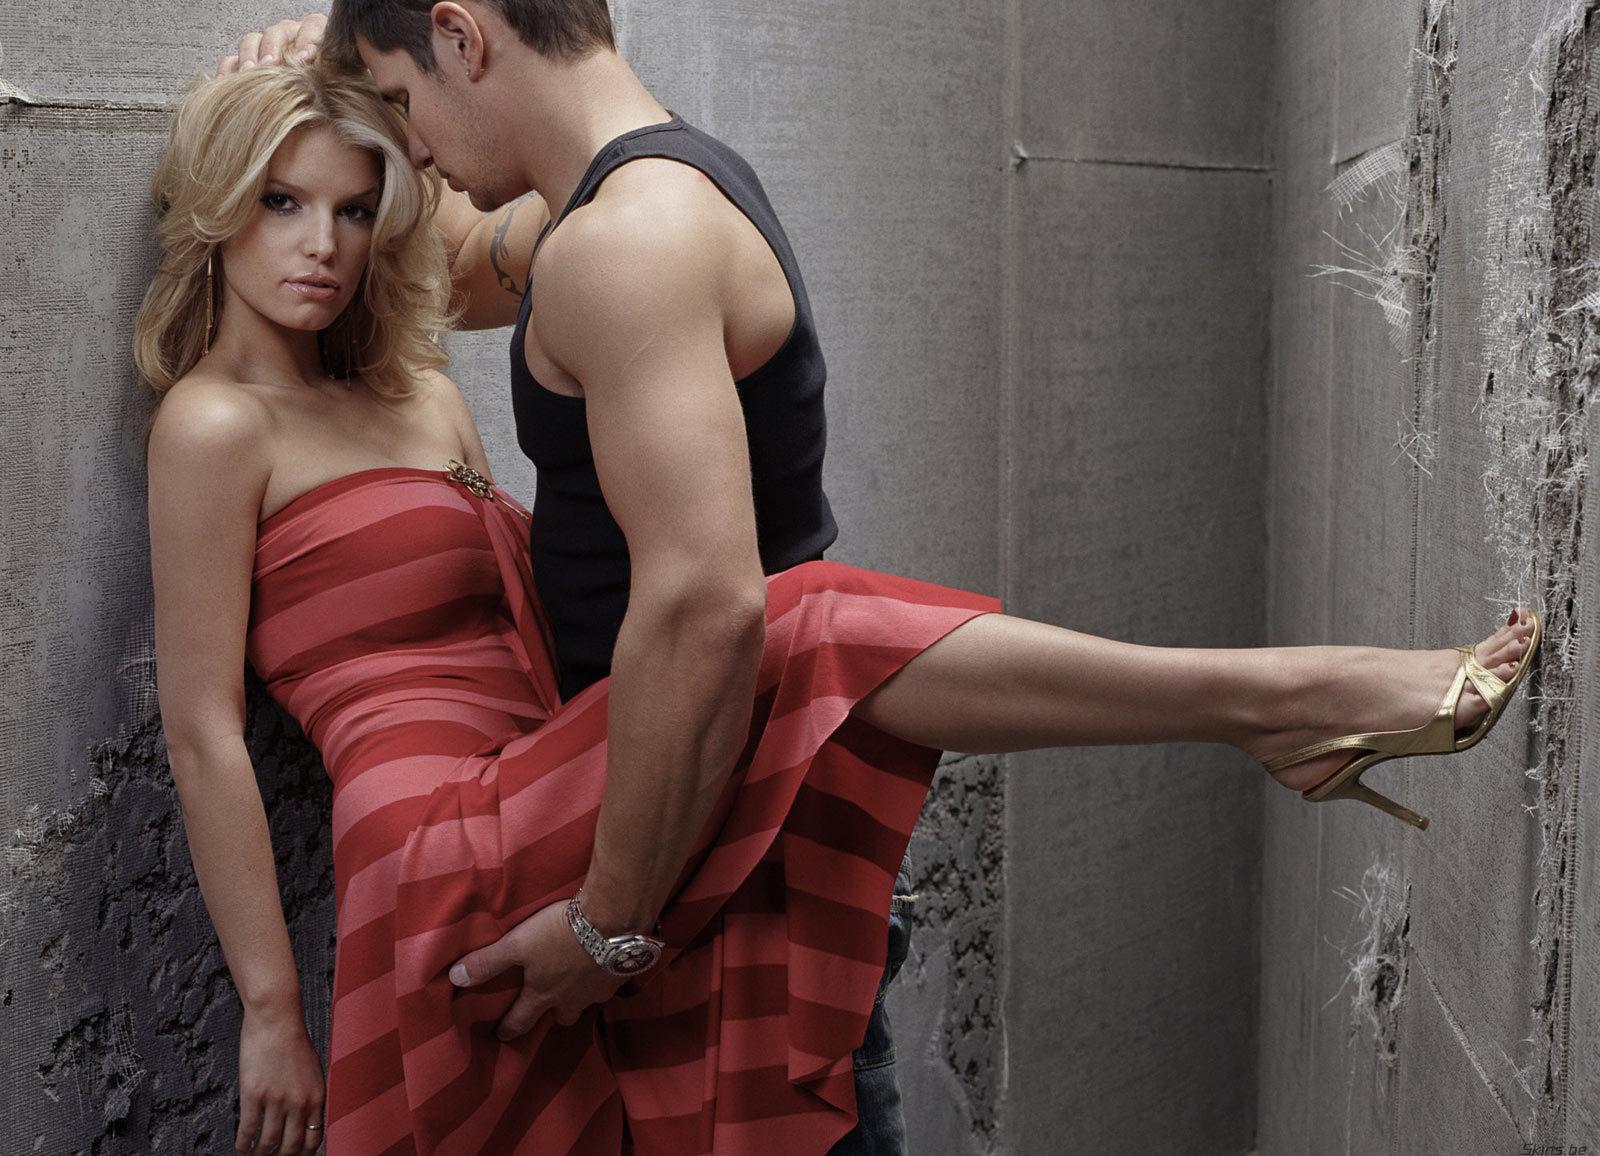 Как парень тискает девушку фото фото 587-457